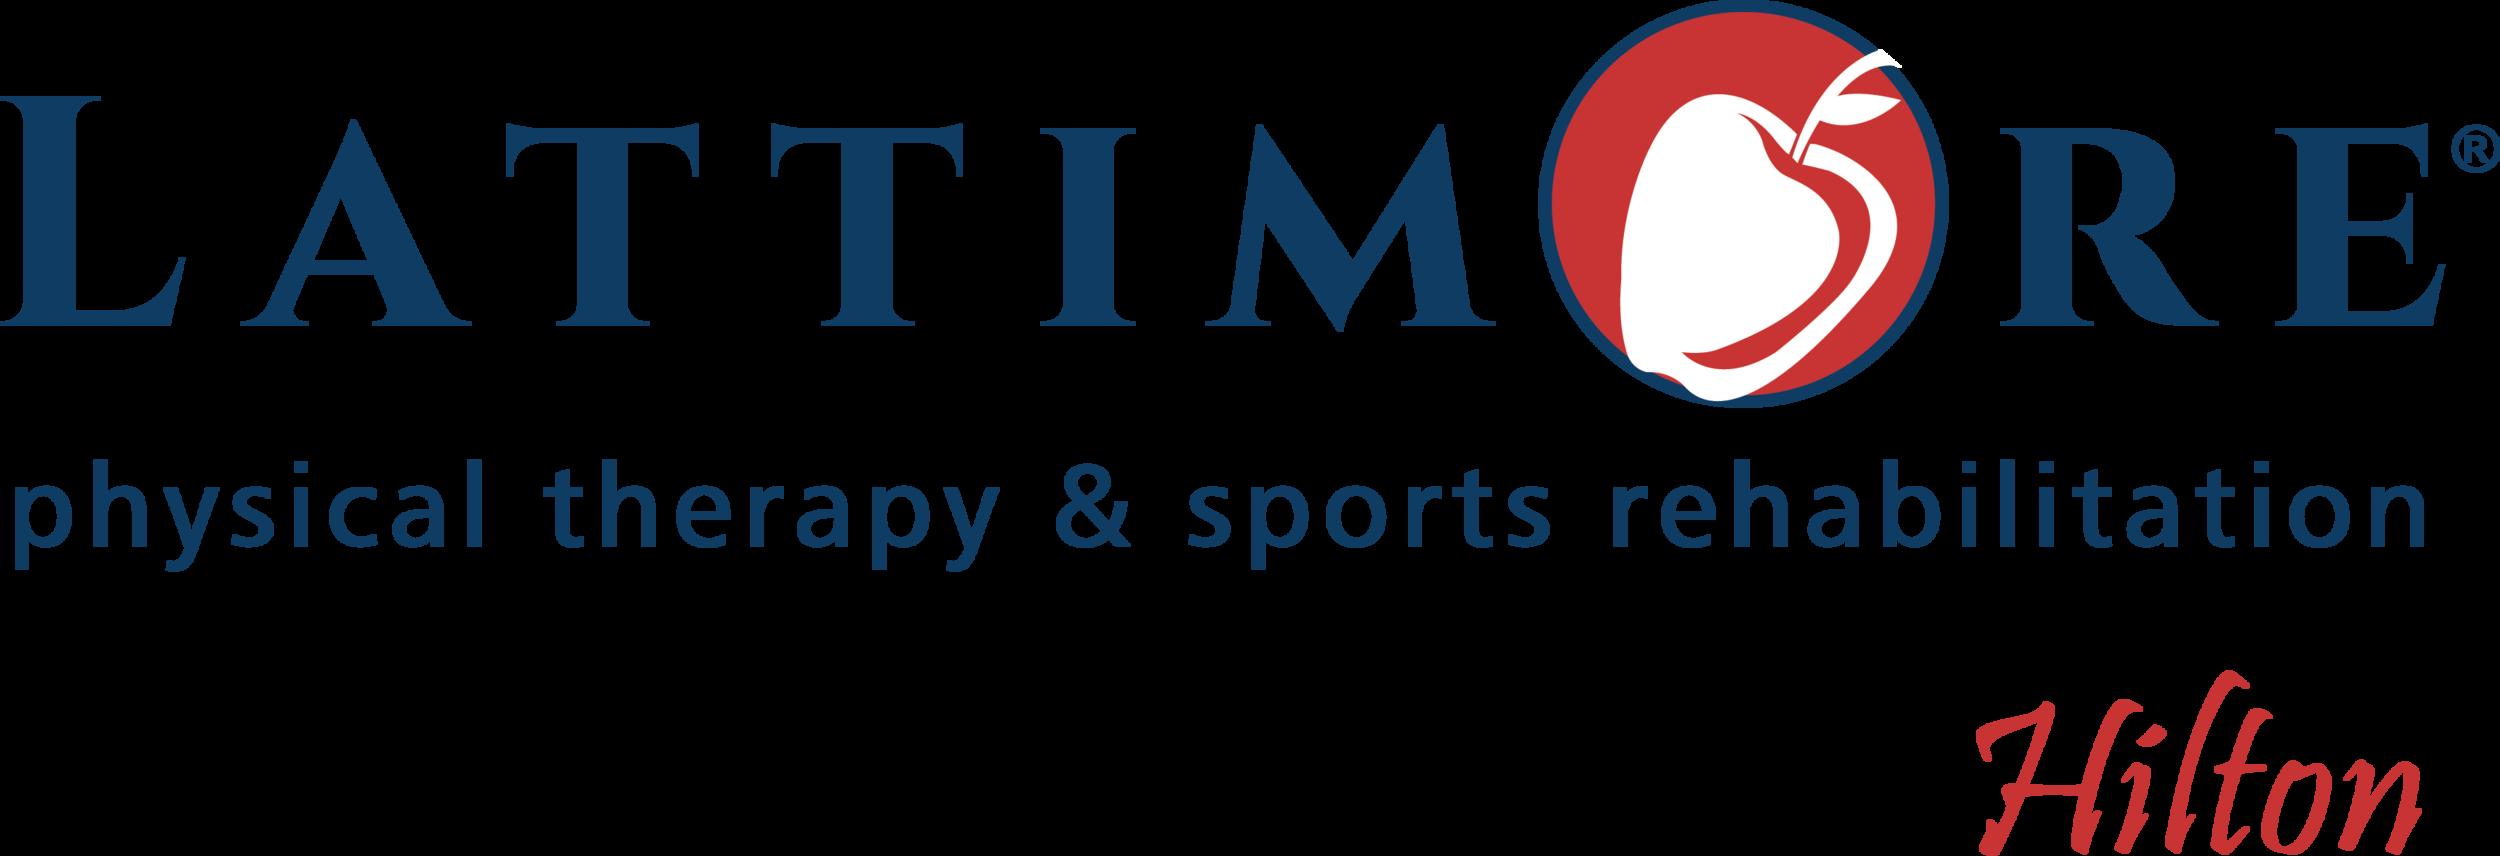 2019-05_Lattimore-Logo-Hilton.png